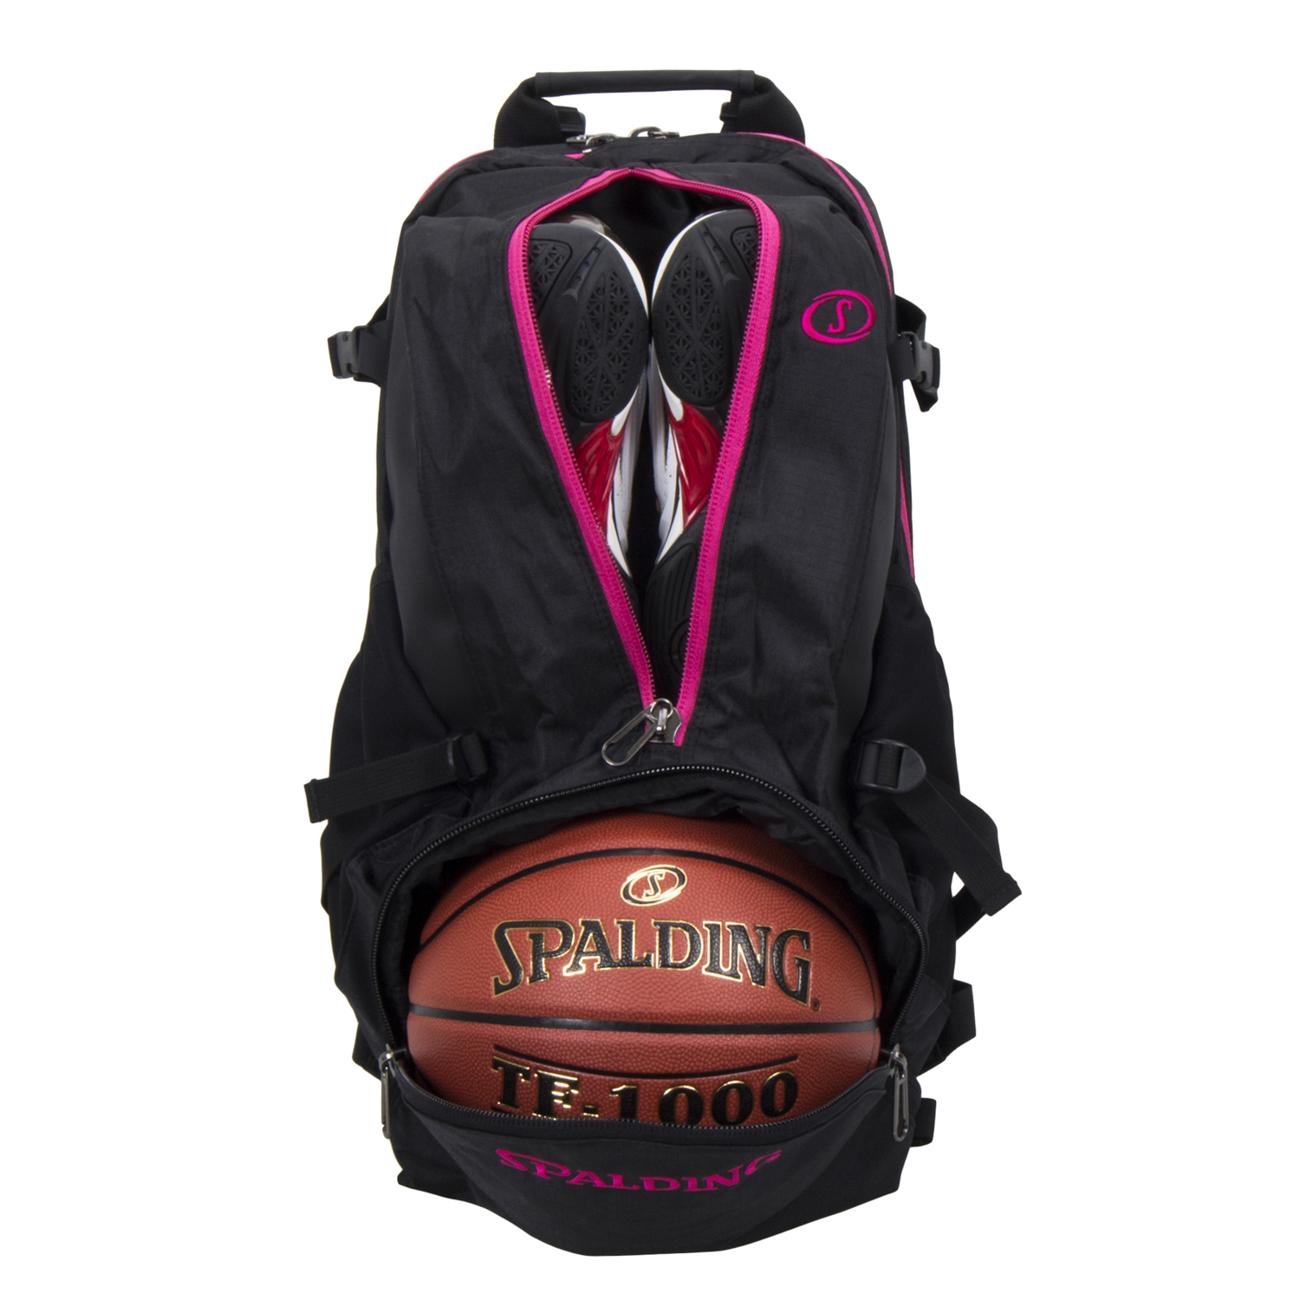 SPALDINGケイジャー ピンク 収納バスケットボールバッグ スポルディング40-007PK